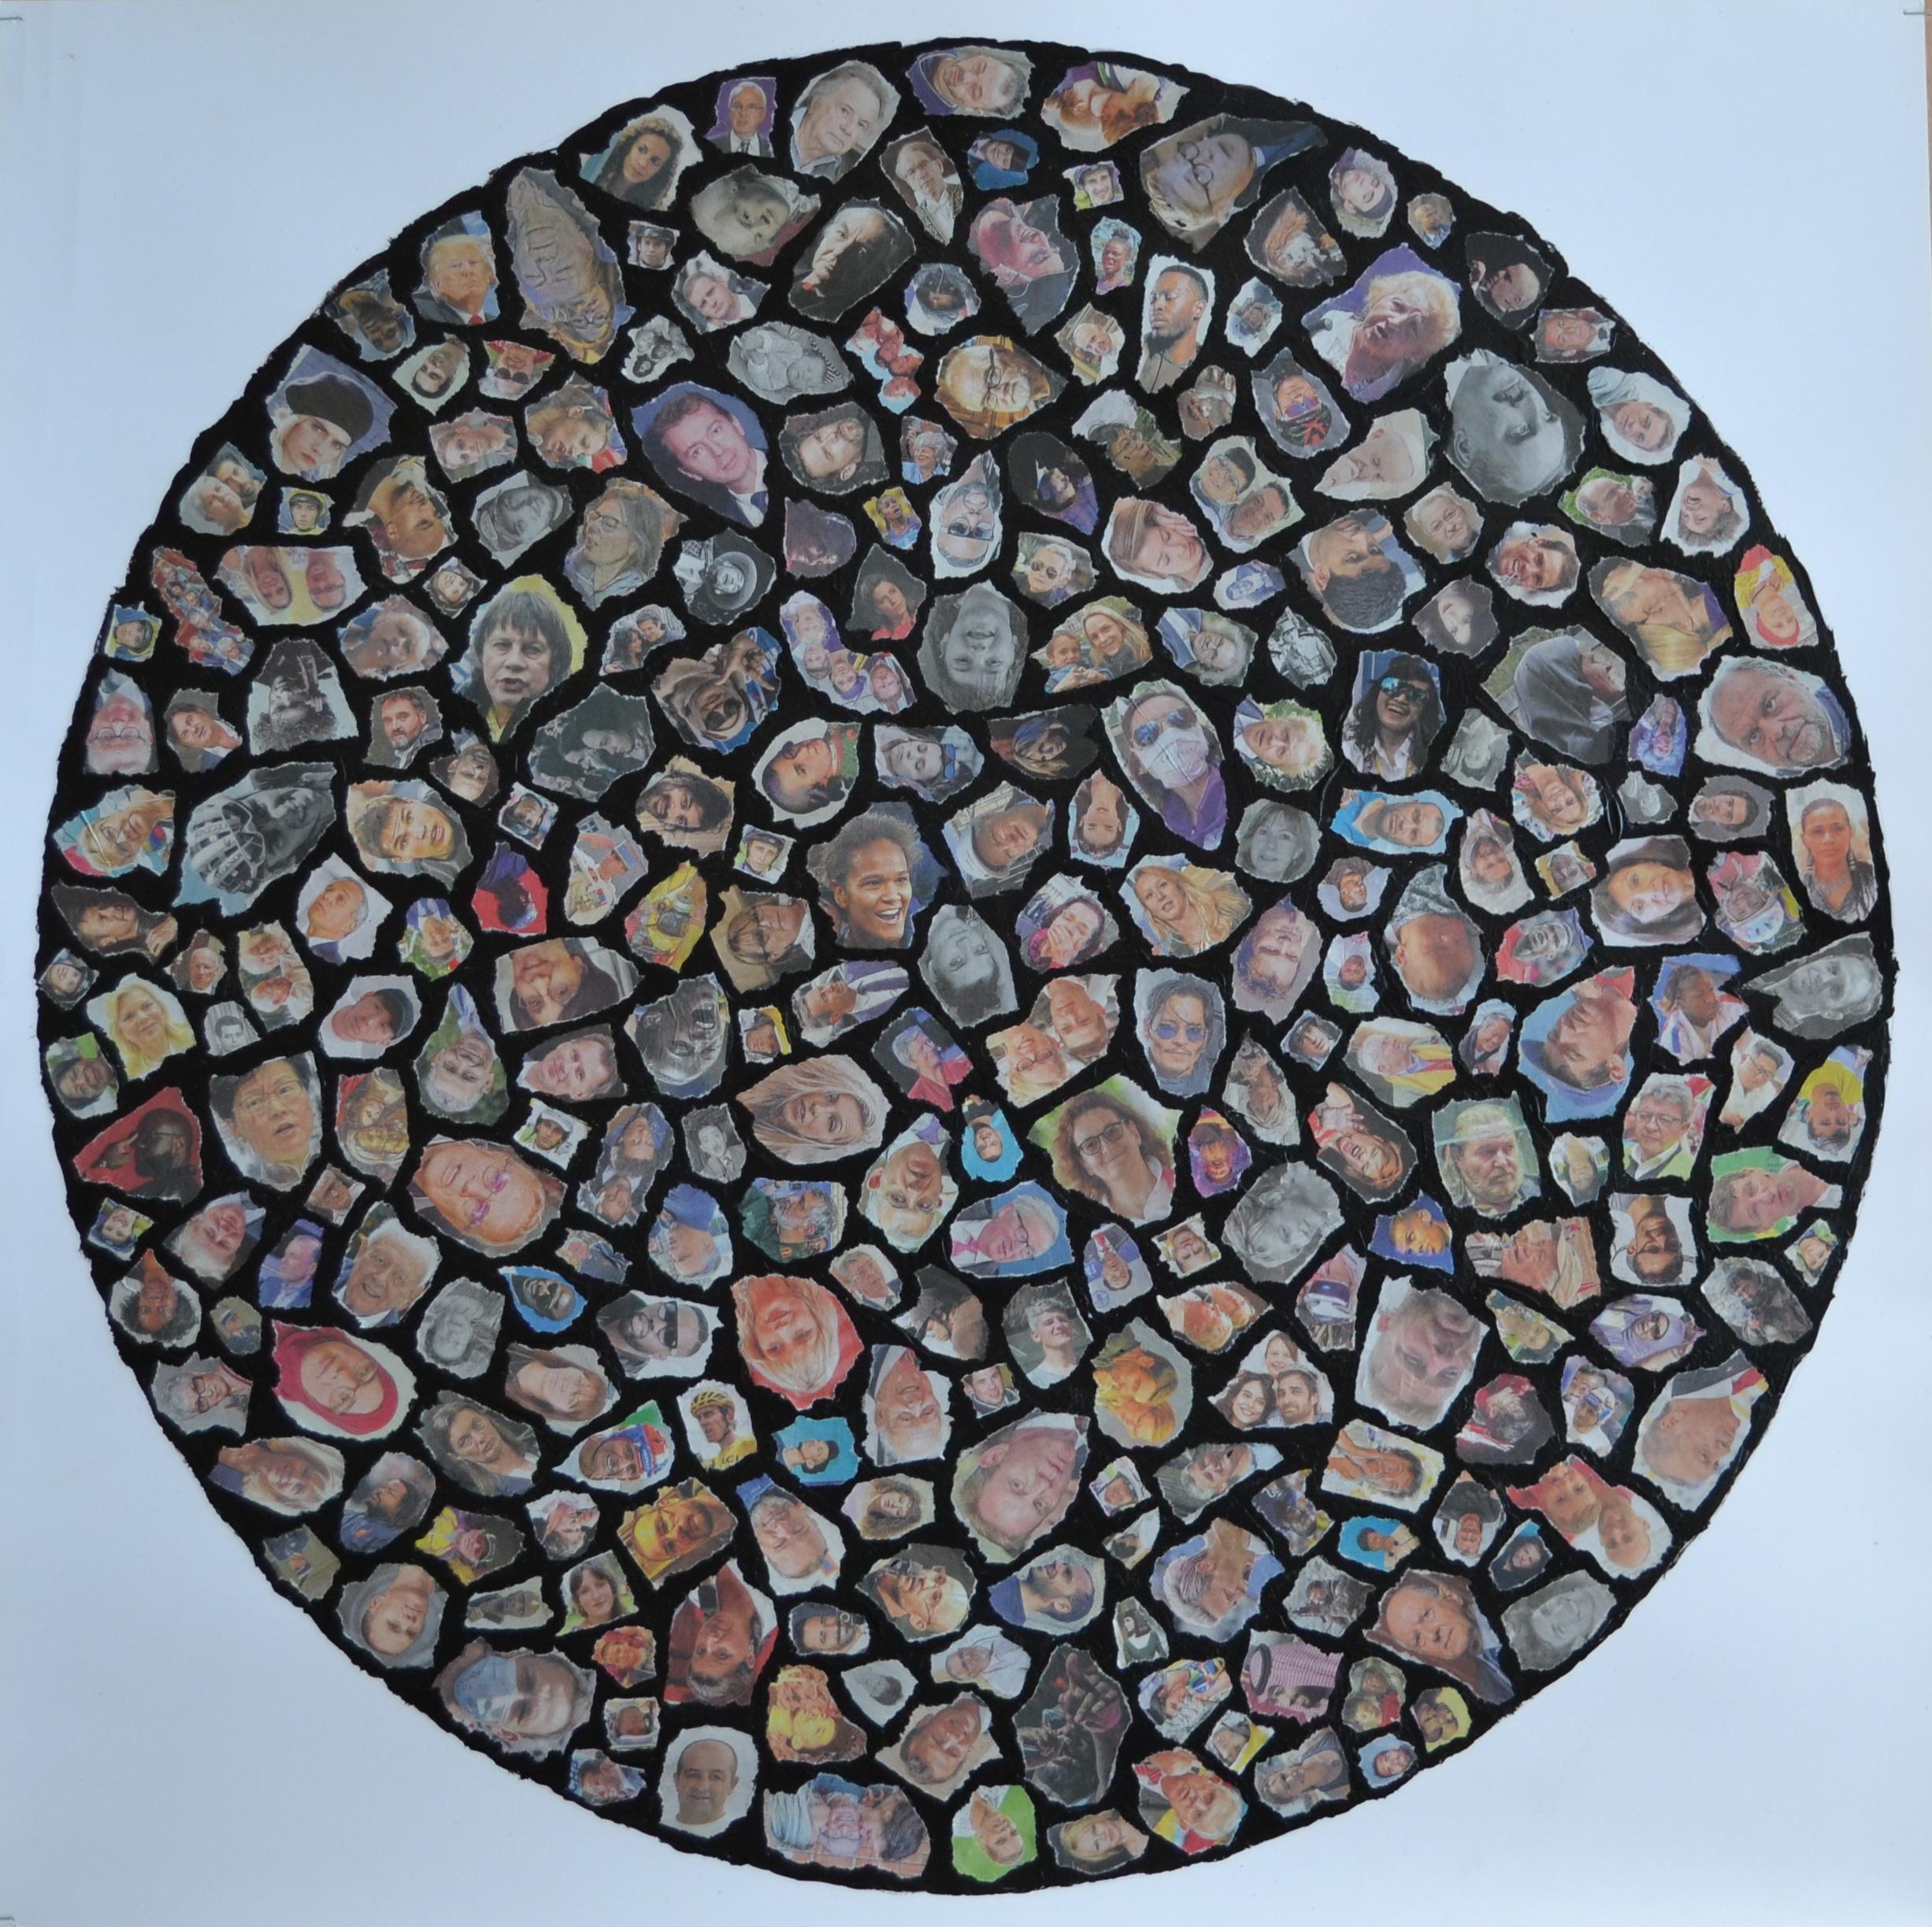 """Mappemonde Collage, """"Rosace 1, la Terre aux mille visages"""", papier journal et acrylique sur papier, 71 x 71 cm"""